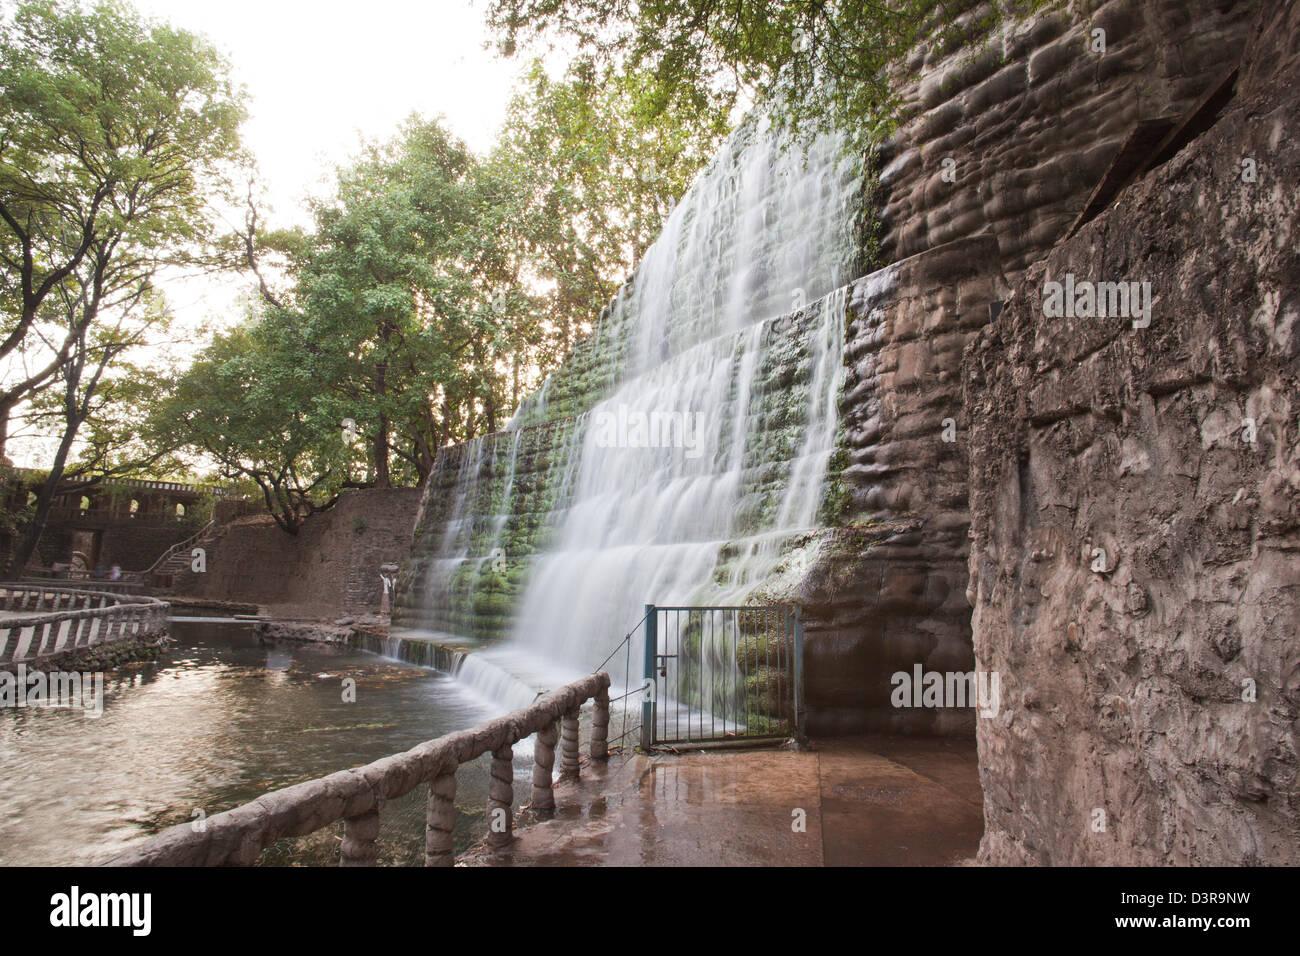 Merveilleux Waterfall At Rock Garden By Nek Chand Saini, Rock Garden Of Chandigarh,  India